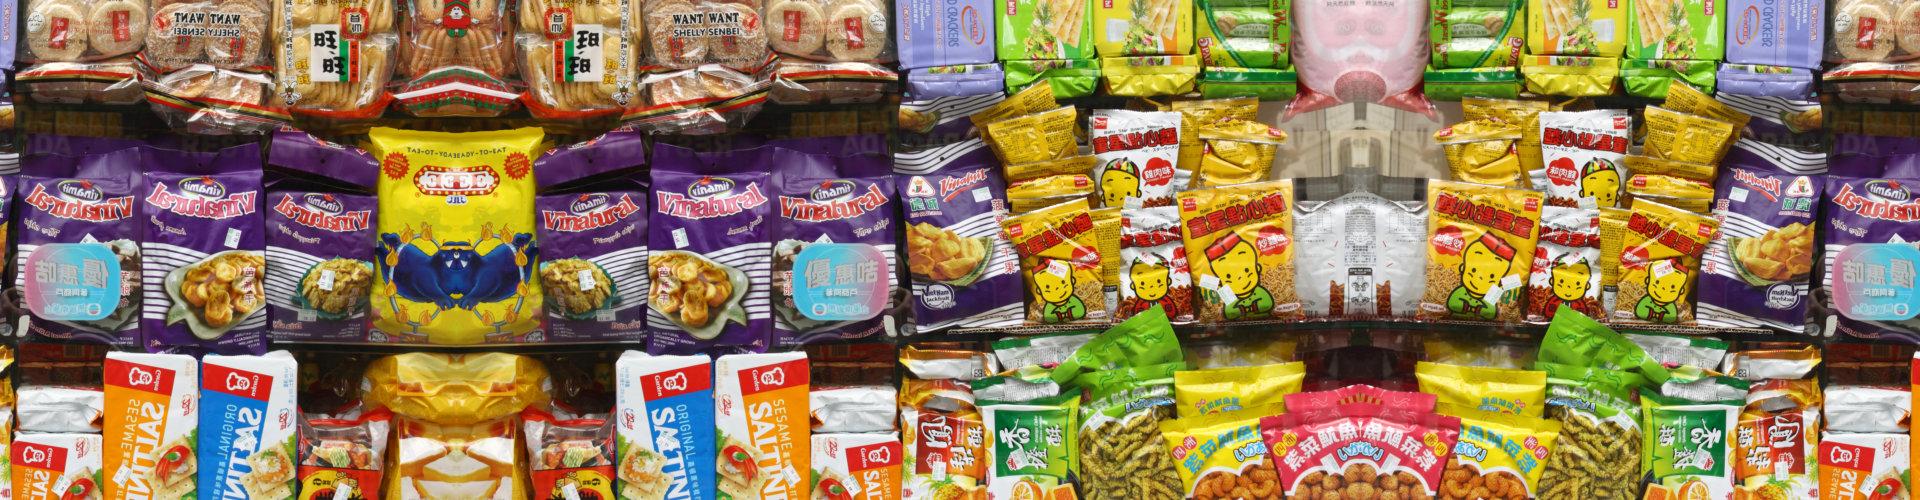 Chinatown Snacks